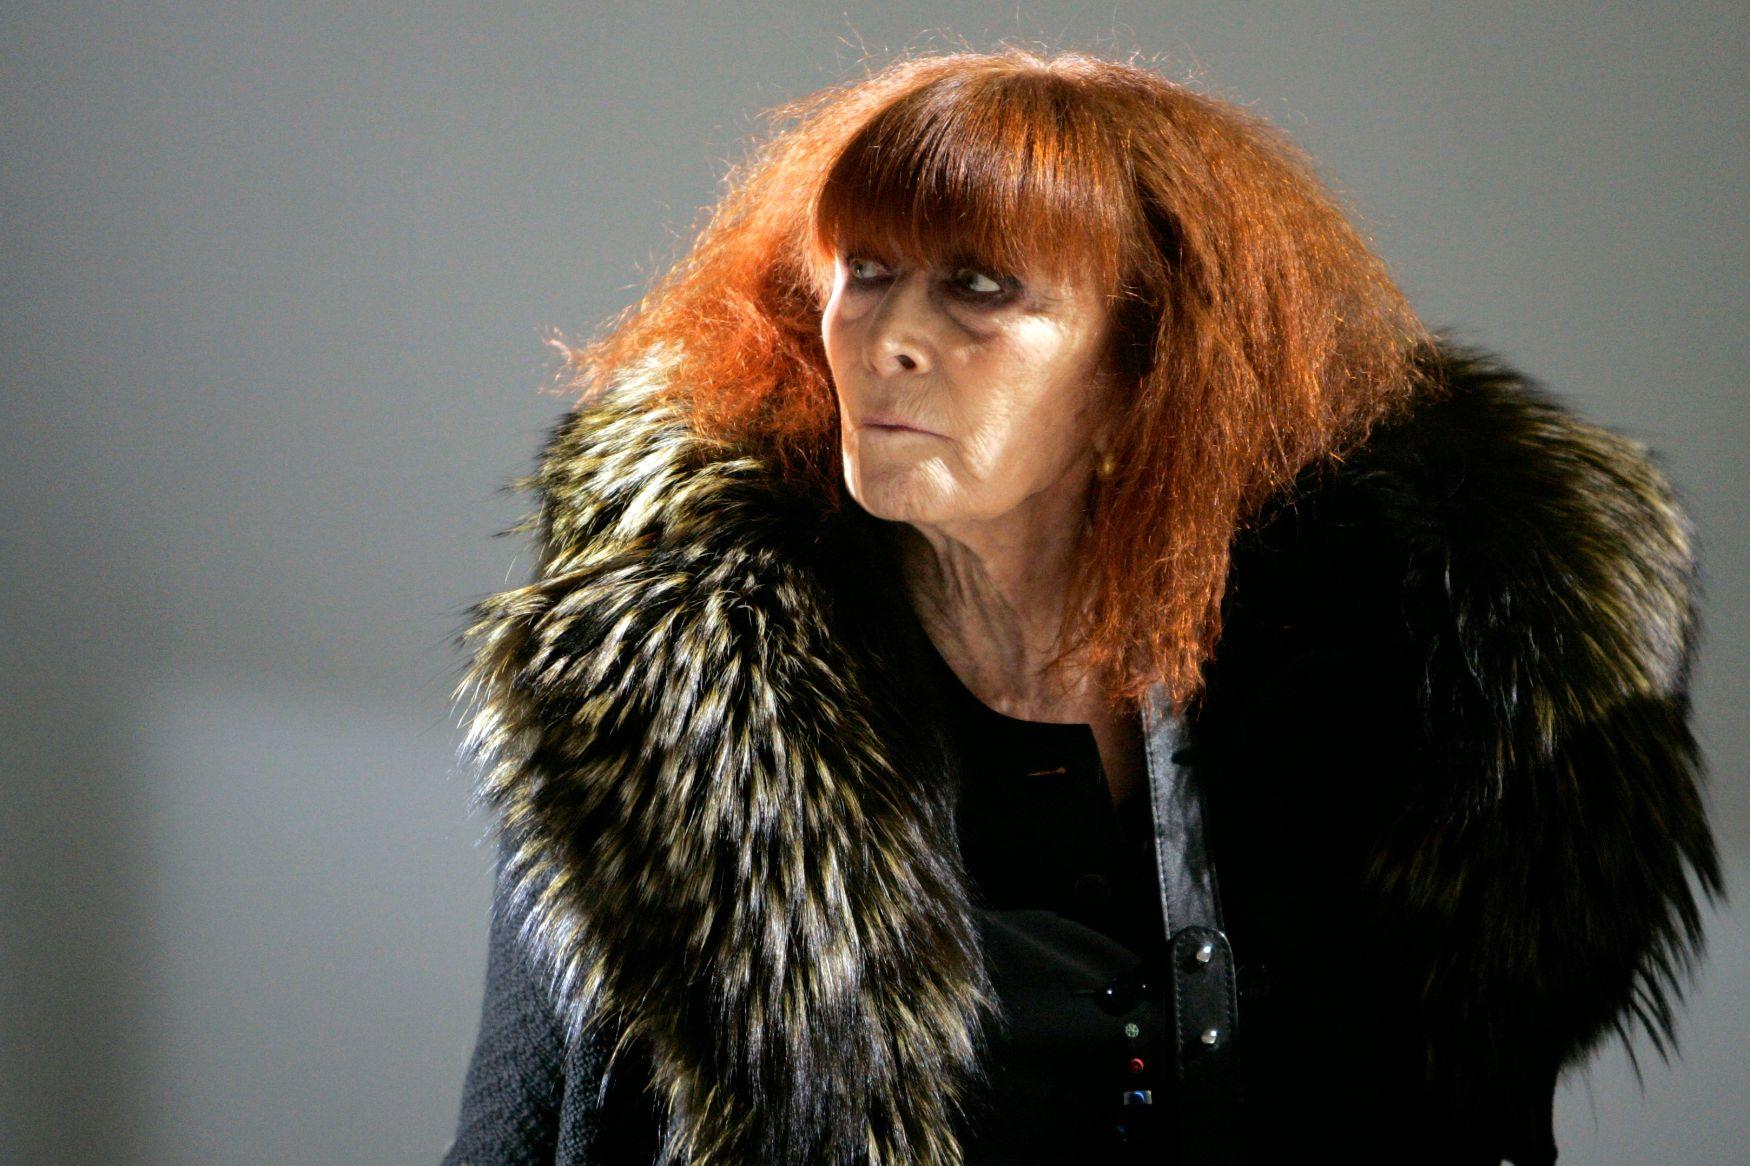 Zemřela francouzská módní návrhářka Rykielová. Bojovnici za osvobození žen  bylo 86 let - Aktuálně.cz 4ef5fb5a17